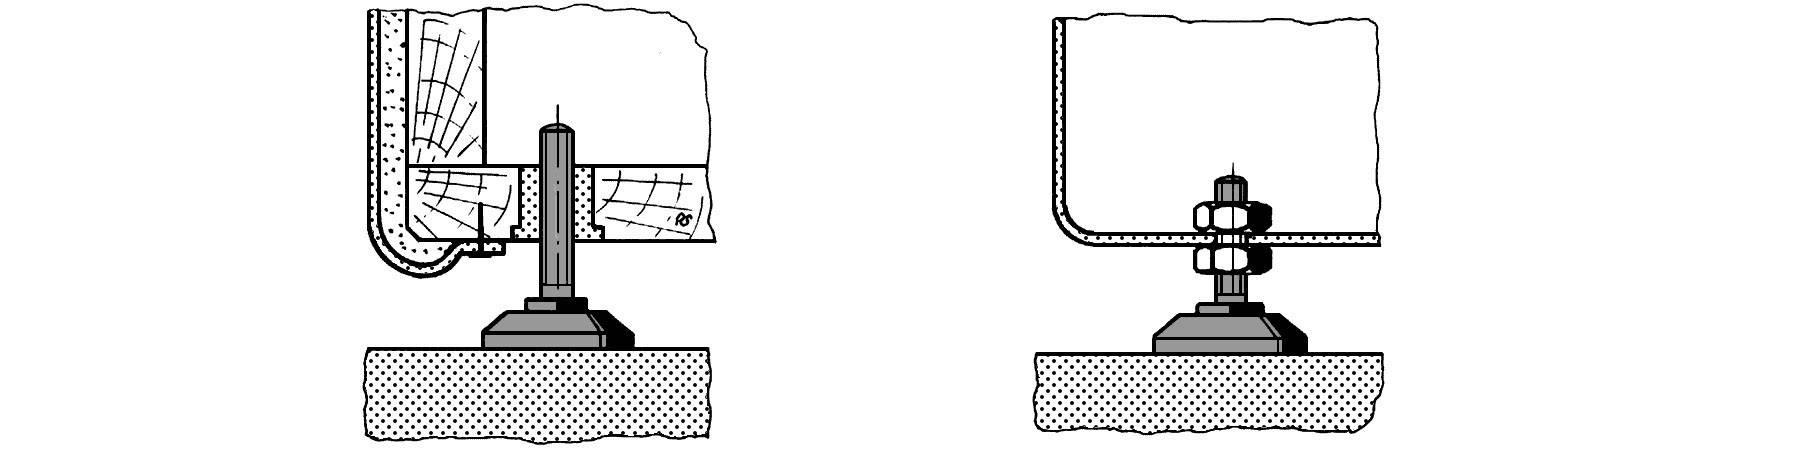 Podstavná nôžka prístrojová PB Fastener 148 3005 699 11, (Ø x v) 38 mm x 60 mm, čierna, 1 ks